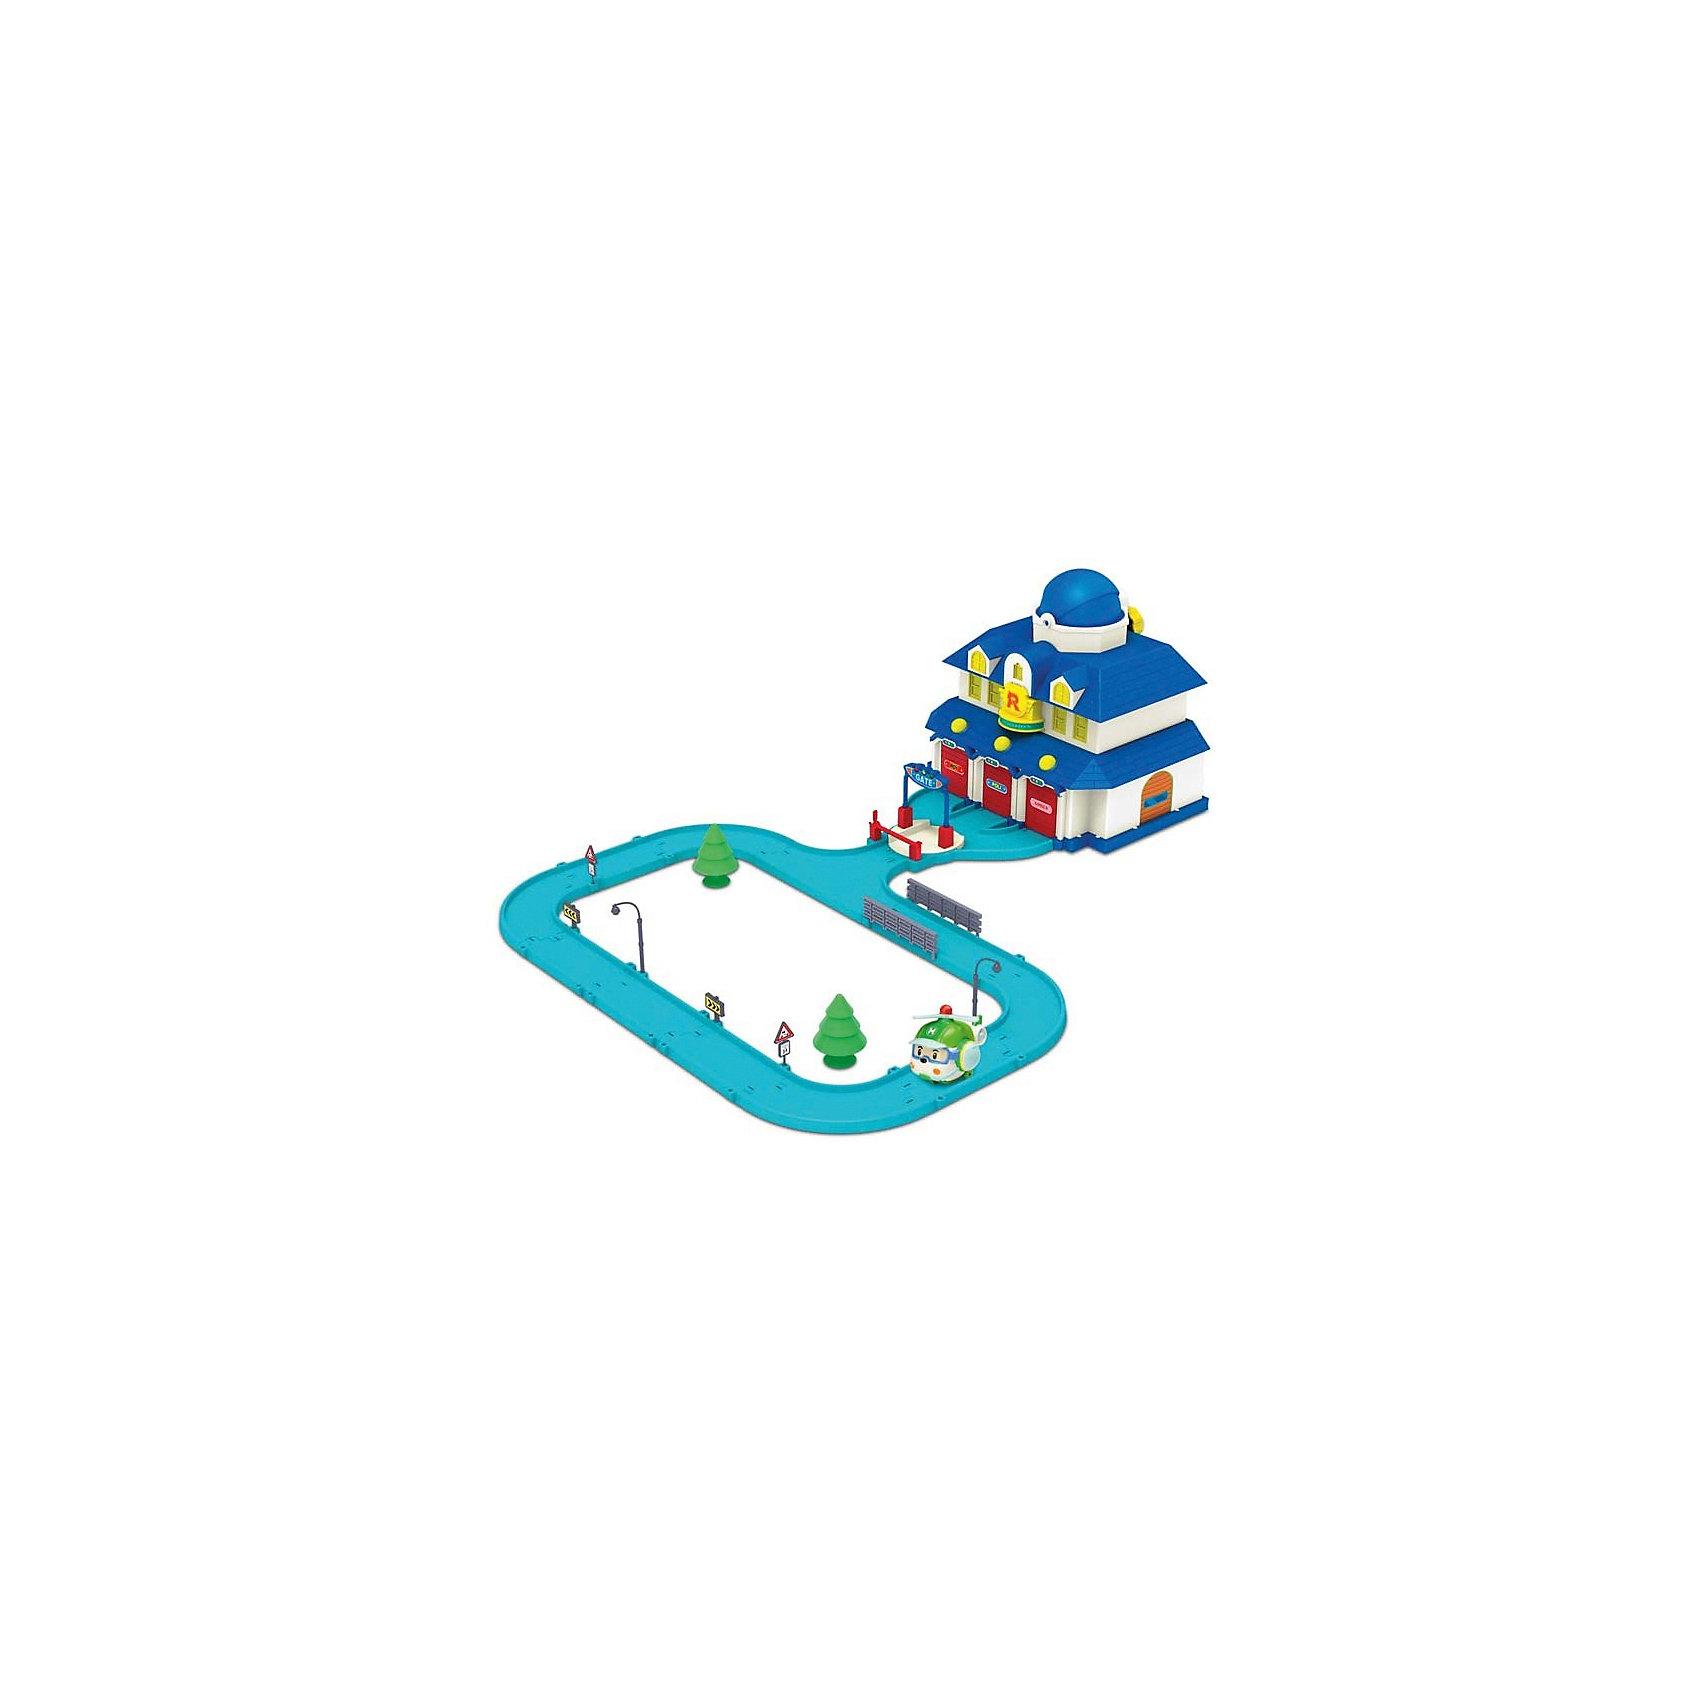 Игровой набор Штаб-квартира 60х80 см,  Робокар ПолиИгровой набор Штаб-квартира, Робокар Поли - увлекательный игровой набор, который обязательно понравится всем юным поклонникам мультсериала Робокар Поли (Robocar Poli). Спасательная команда служебных машинок всегда готова прийти на помощь жителям городка Брум и выручить в любой ситуации. В комплекте Вы найдете здание штаба машинок-спасателей и металлическую фигурку вертолета Хэли.<br><br>В здании штаба есть 3 гаража, на каждом из которых имеется собственная табличка с именем машинки-спасателя: Рой (Roy), Эмбер (Amber) и Поли (Poli). Дверцы гаражей открываются при нажатии кнопочек, расположенных над каждой дверью. Если удерживать кнопочку, пол в гараже приподнимается в наклонное положение и машинка выкатывается. На крыше установлен ангар для вертолетика Хэли, который открывается с помощью вращающейся ручки.<br> <br>Въезд в штаб-квартиру оборудован поднимающимся шлагбаумом и платформой, которая позволяет машинам в считанные секунды выезжать из гаражей. Крыша штаба на защелке поднимается, внутри можно разместить различные аксессуары и элементы набора. К зданию штаба примыкает круговая автотрасса, вдоль которой можно расставить входящие в комплект фигурки деревьев, дорожные знаки и фонарные столбы. Все детали имеют скругленные углы и безопасны для детей.<br><br>Дополнительная информация:<br><br>- В комплекте: здание штаб-квартиры, вертолет-спасатель Хэли, дополнительные элементы: зеленые деревья, дорожные знаки, фонарные столбы и ограждения.<br>- Материал: пластик, металл.<br>- Размер вертолета: 6 см. <br>- Размер игрушки: 60 х 80 см.<br>- Размер упаковки: 40 х 30 х 24 см.<br>- Вес: 2,5 кг.<br><br>Игровой набор Штаб-квартира, Робокар Поли можно купить в нашем интернет-магазине.<br><br>Ширина мм: 405<br>Глубина мм: 253<br>Высота мм: 314<br>Вес г: 2271<br>Возраст от месяцев: 36<br>Возраст до месяцев: 66<br>Пол: Унисекс<br>Возраст: Детский<br>SKU: 3722551